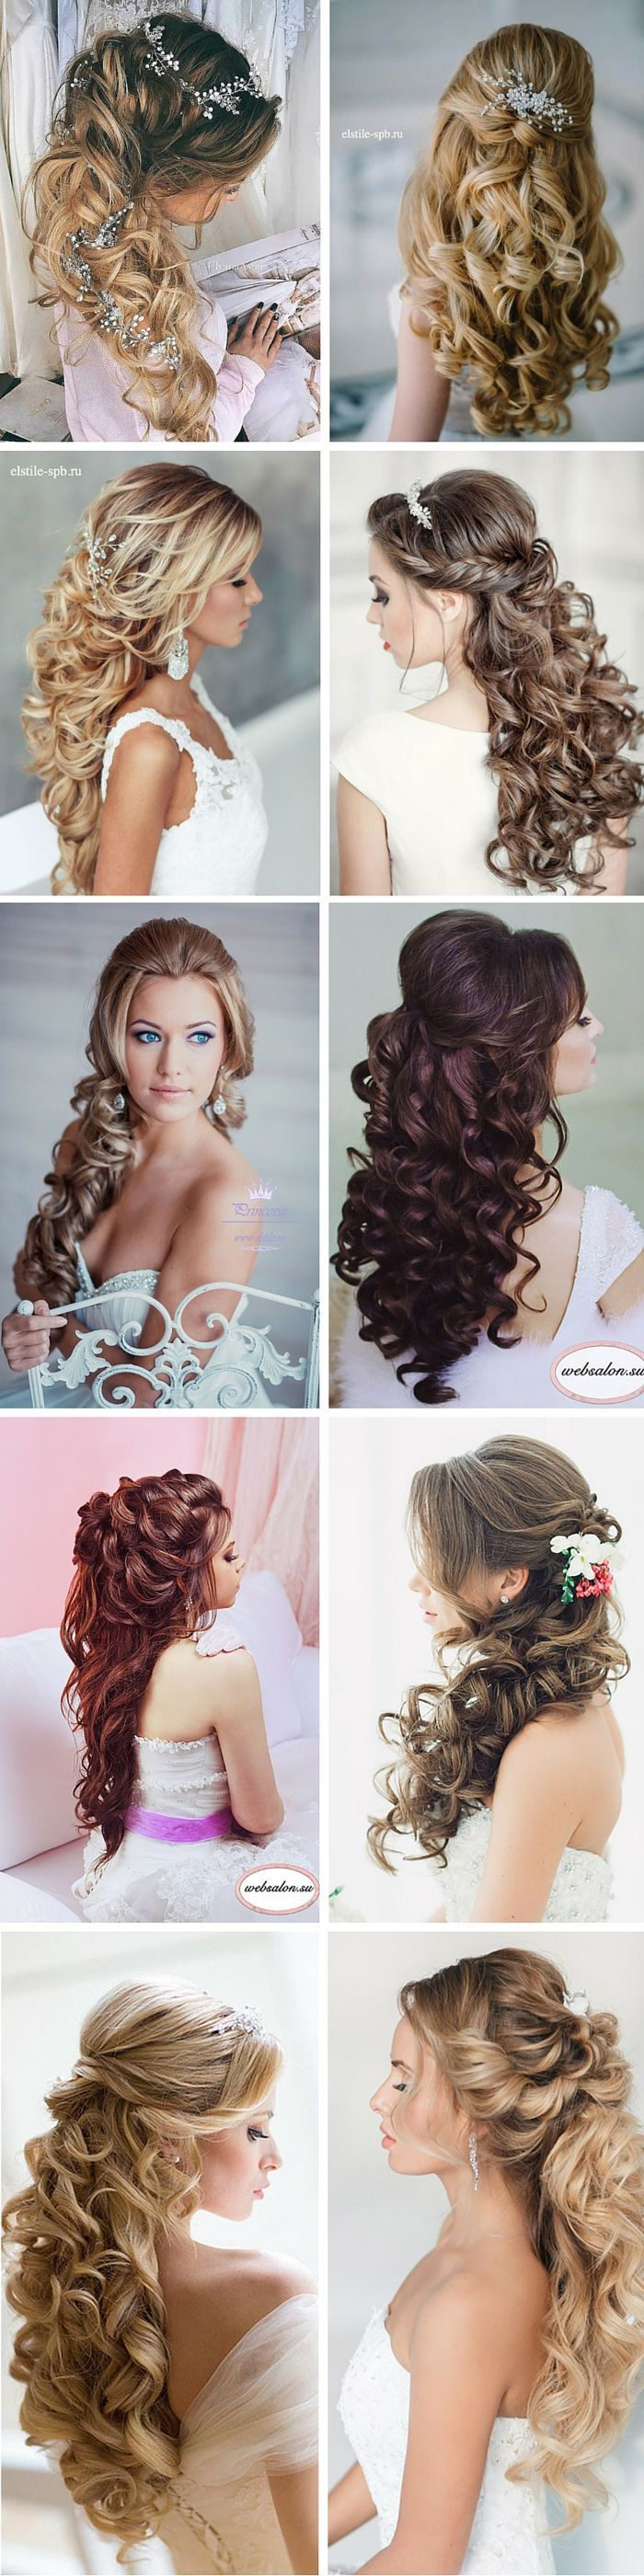 59 best Hair images on Pinterest